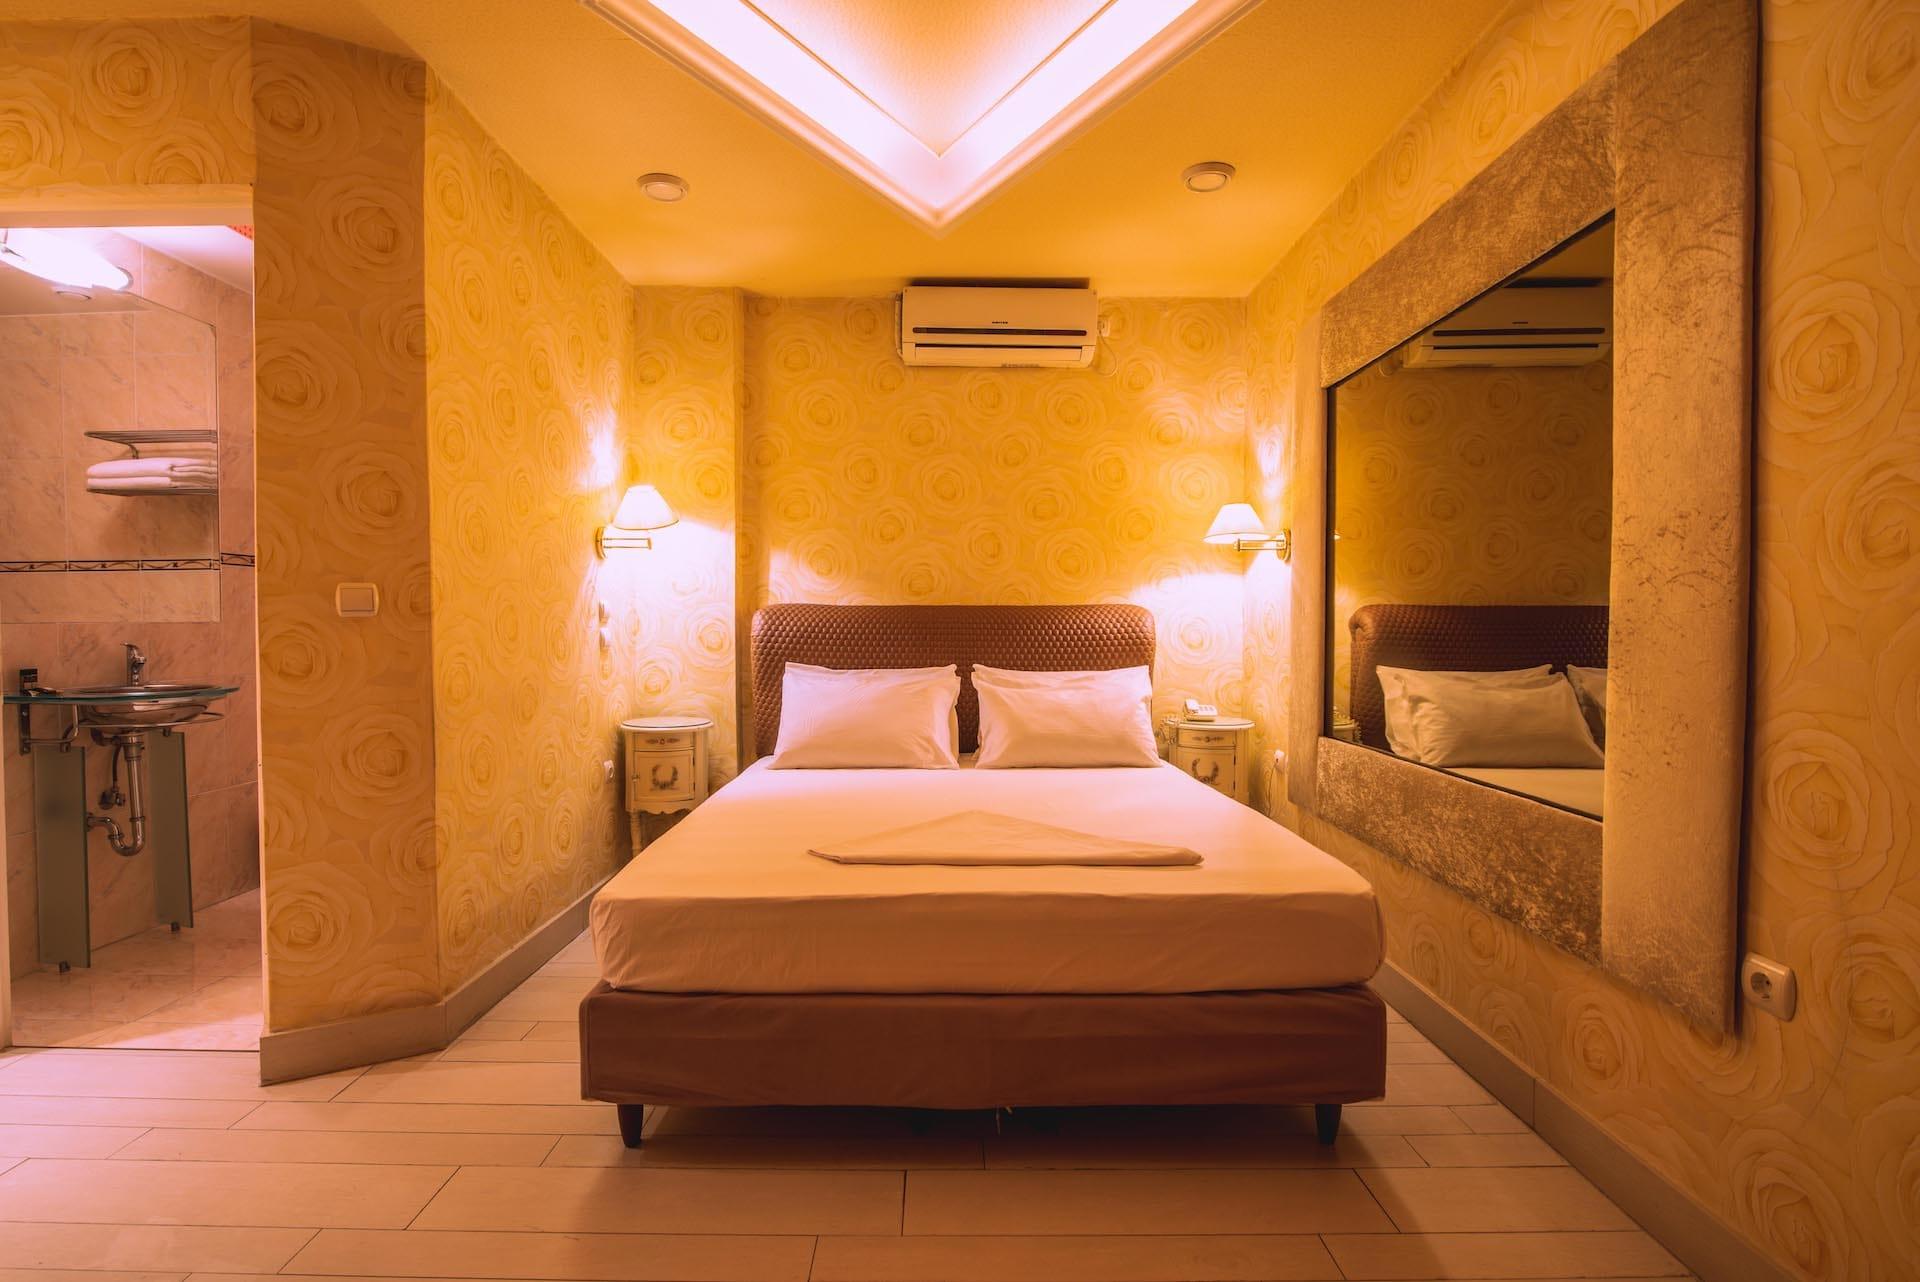 Το δωμάτιο Economy Room 3 στα Ruby Rooms στην Κηφισιά και τα Βόρεια Προάστια. €15 ημιδιαμονή.